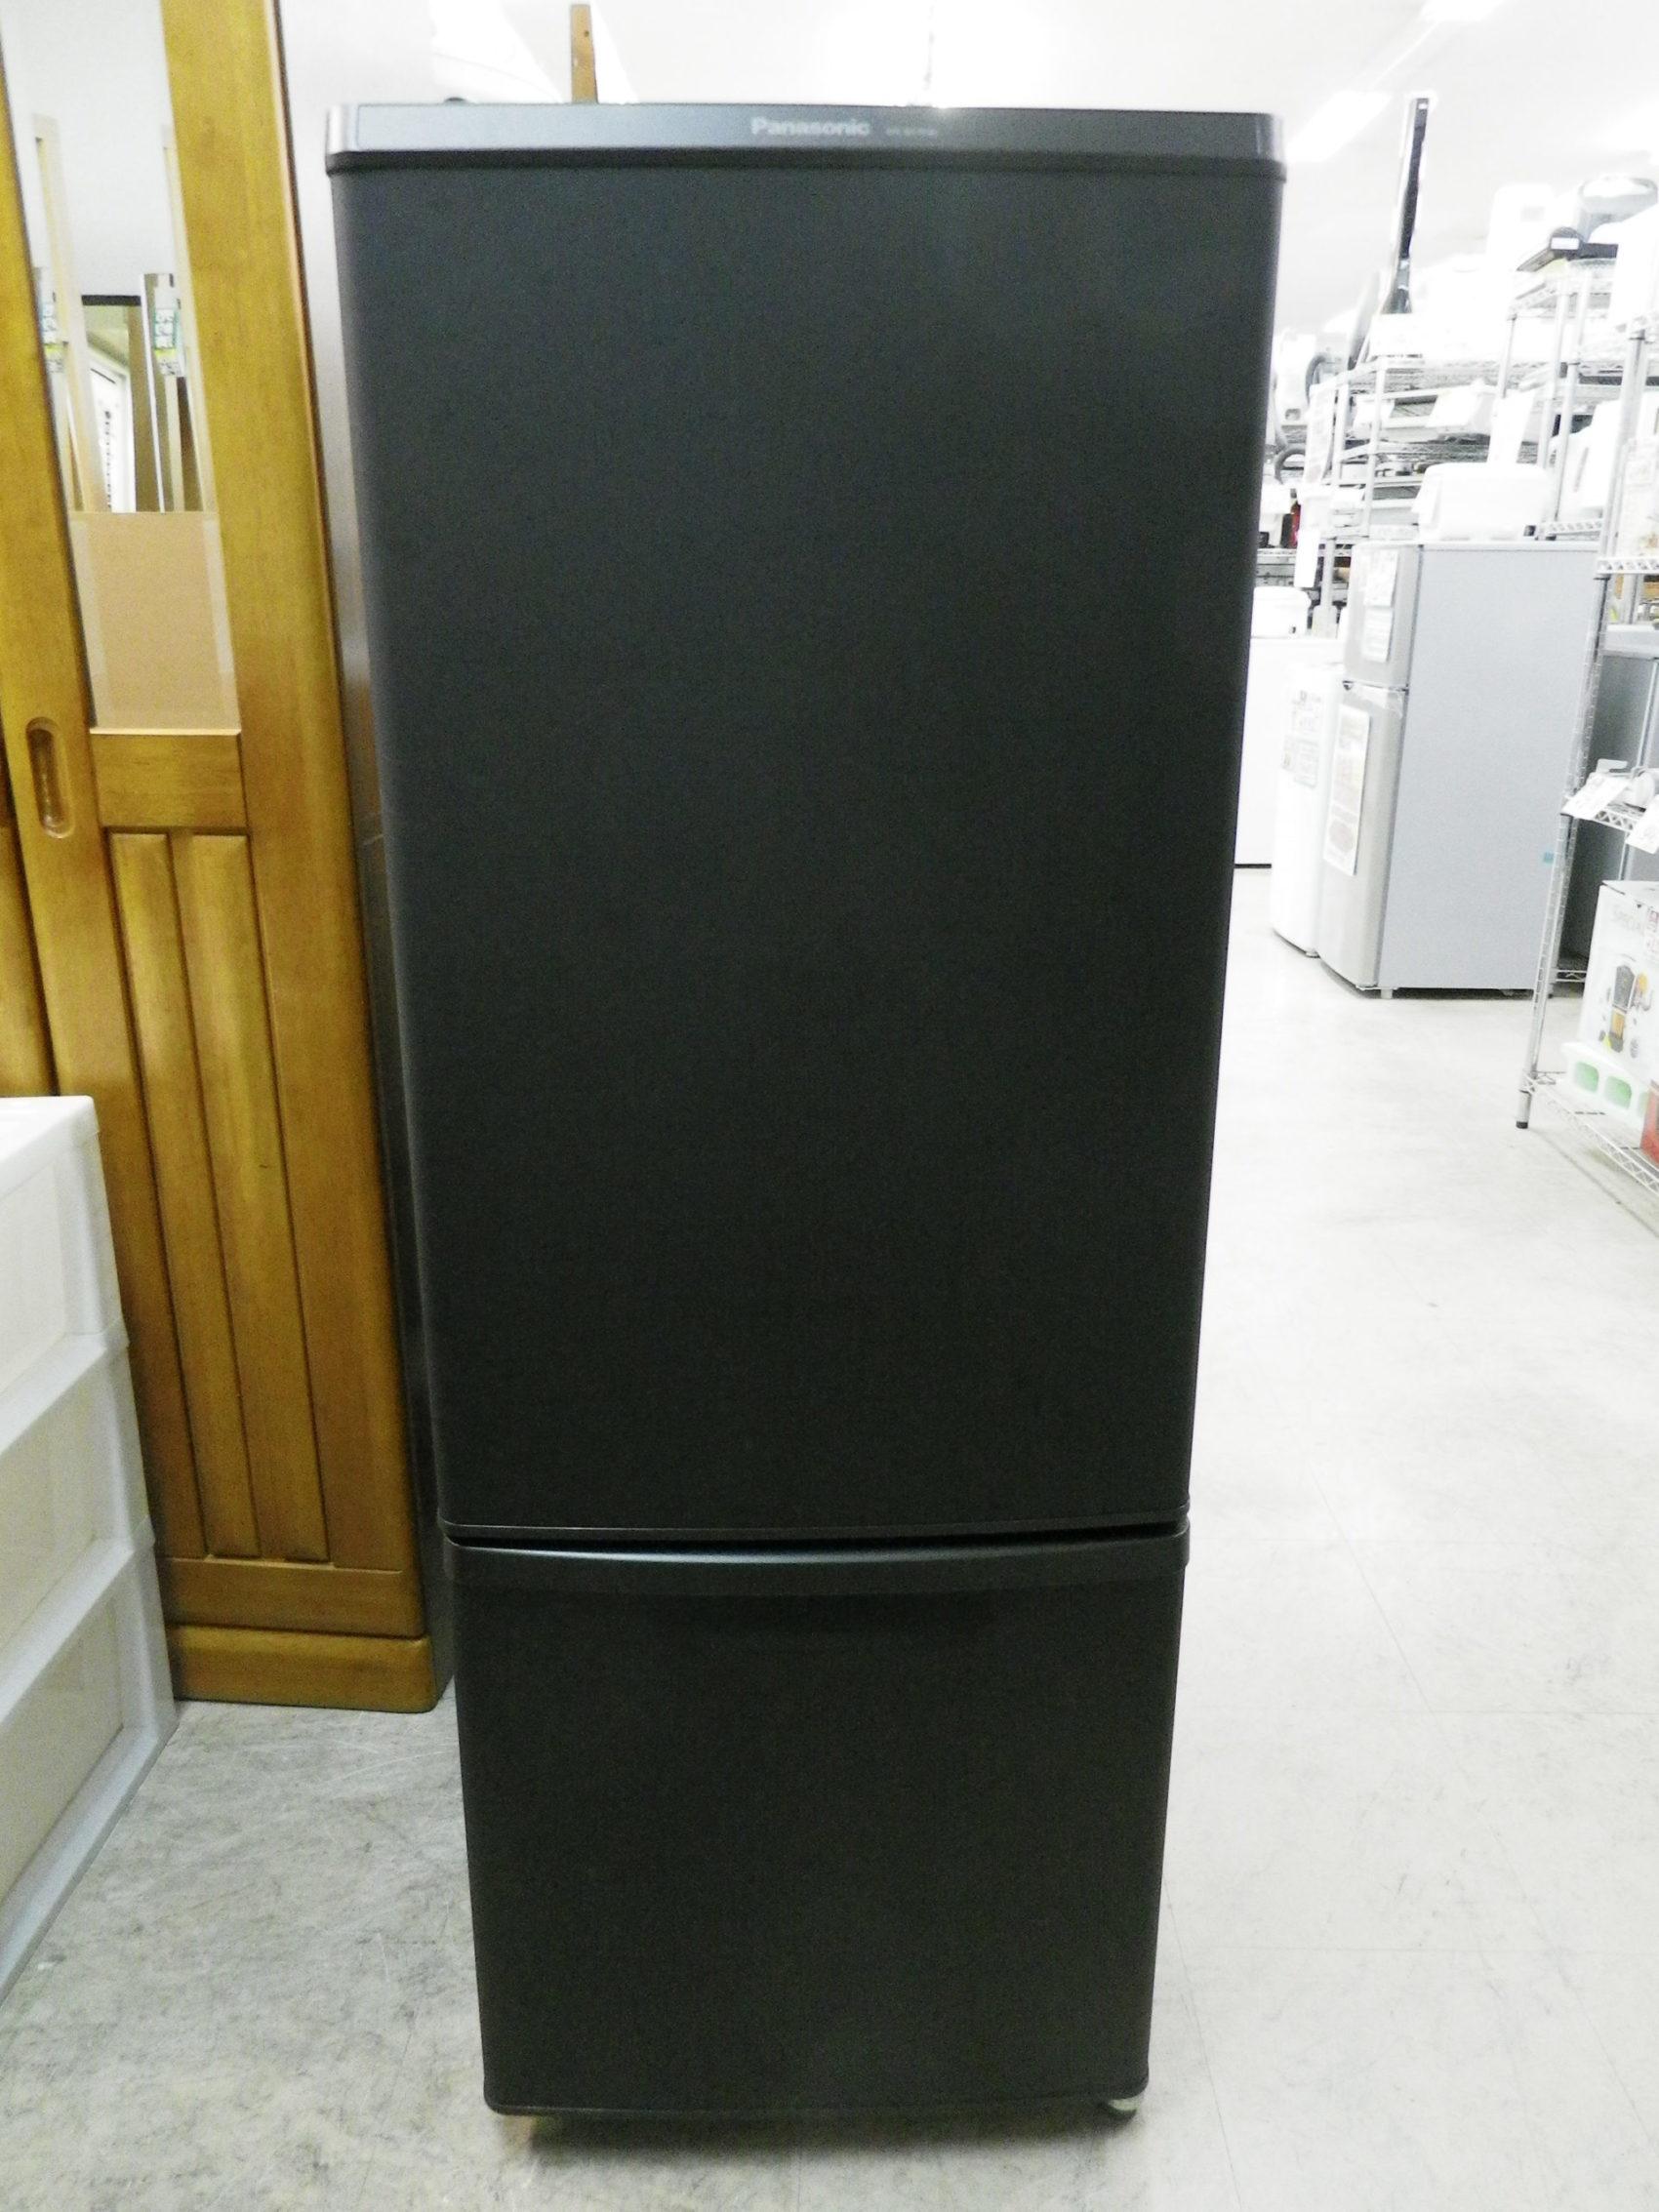 【Panasonic パナソニック NR-B17B 2019年製 168L 冷蔵庫 一人暮らし 新生活 サイズ 】をお買取り致しました。の買取-